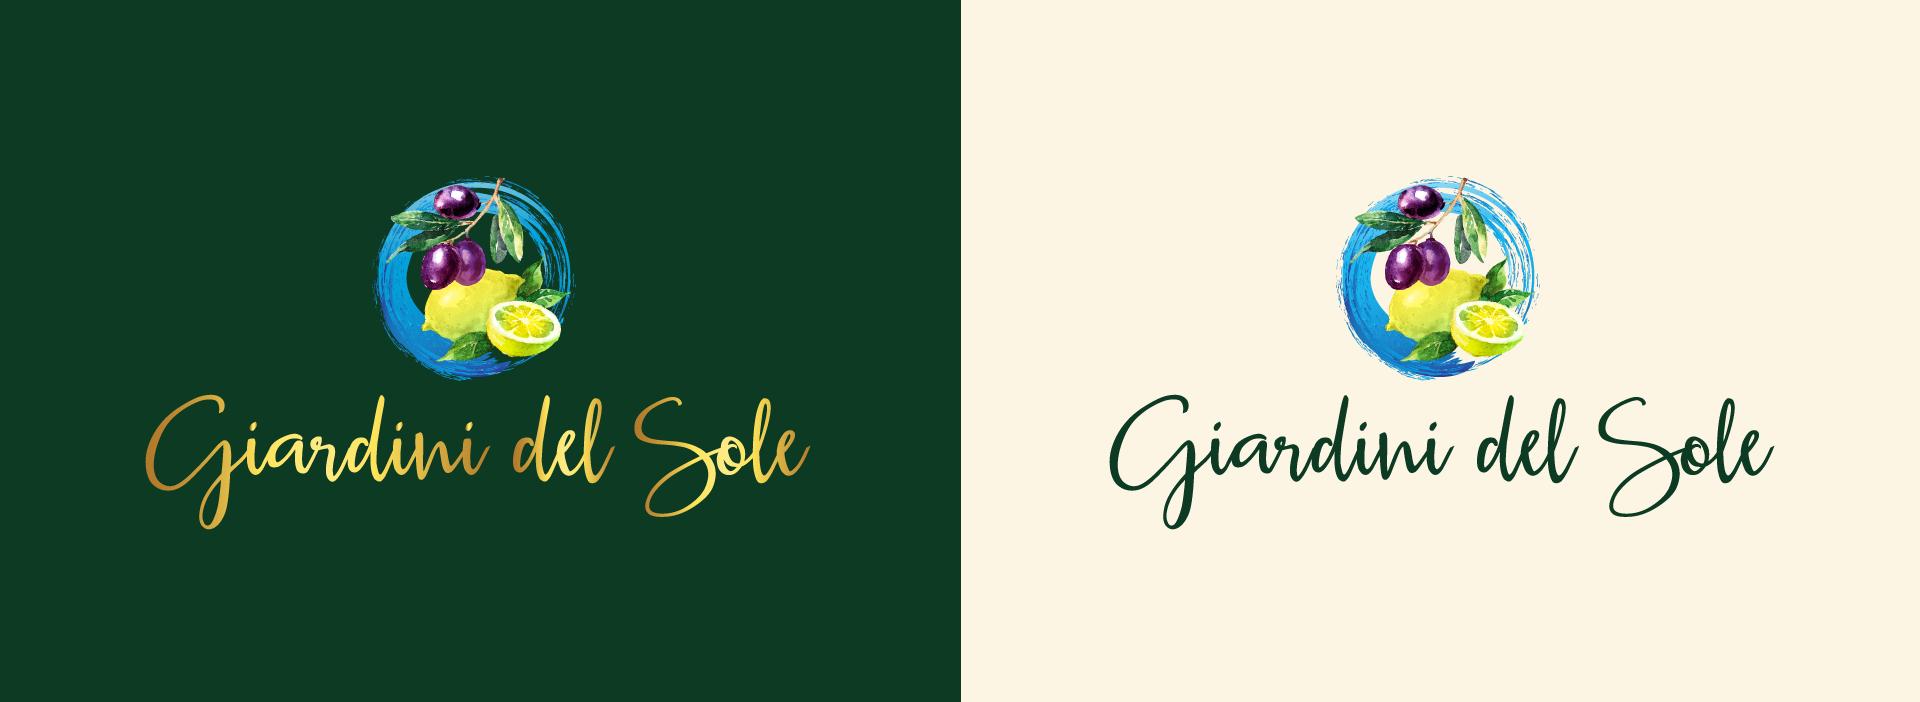 giardini-del-sole-logo